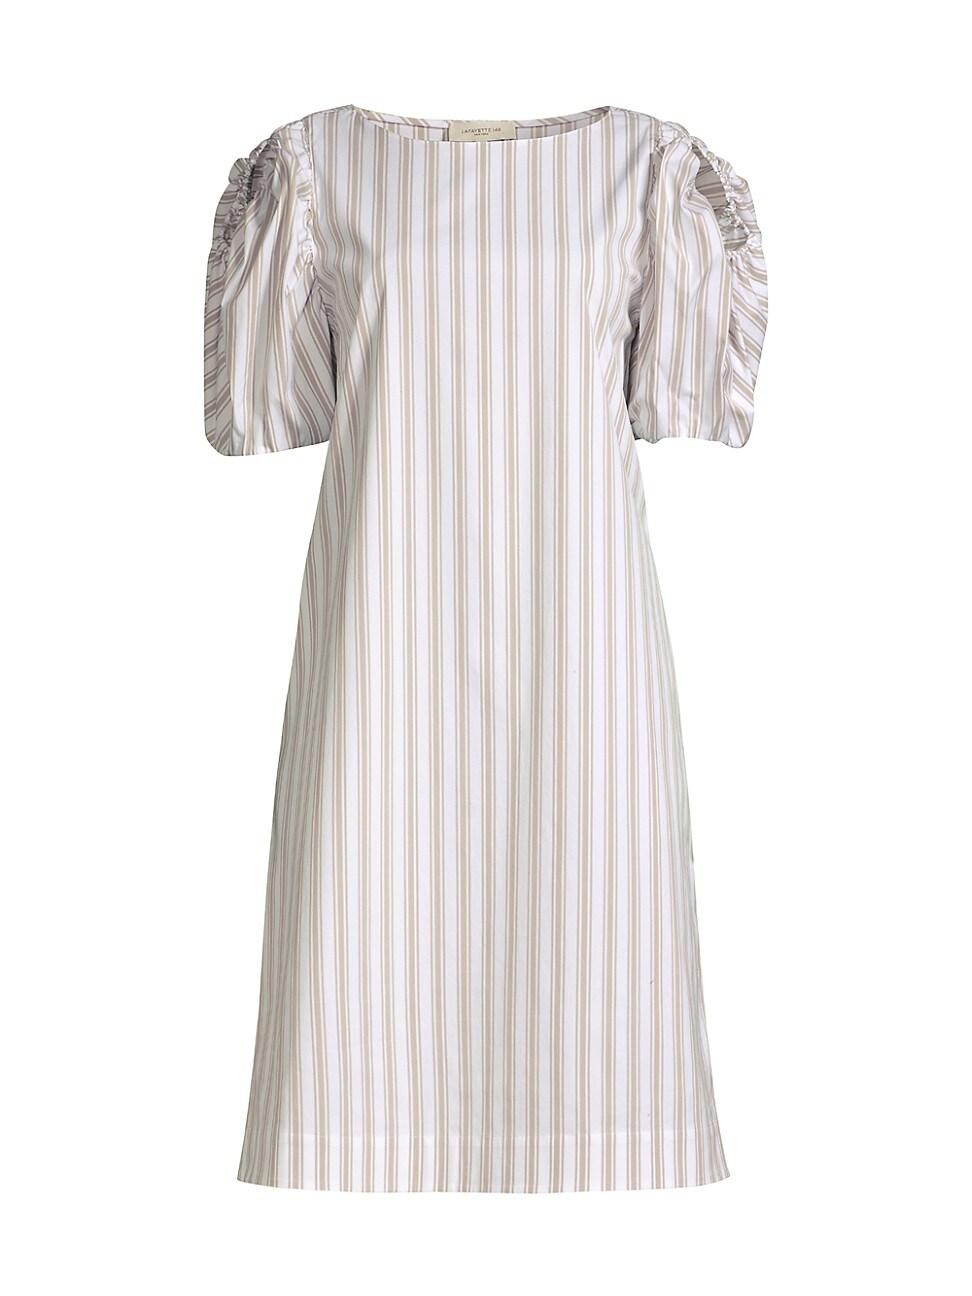 Lafayette 148 WOMEN'S HATTIE PENCIL STRIPED DRESS